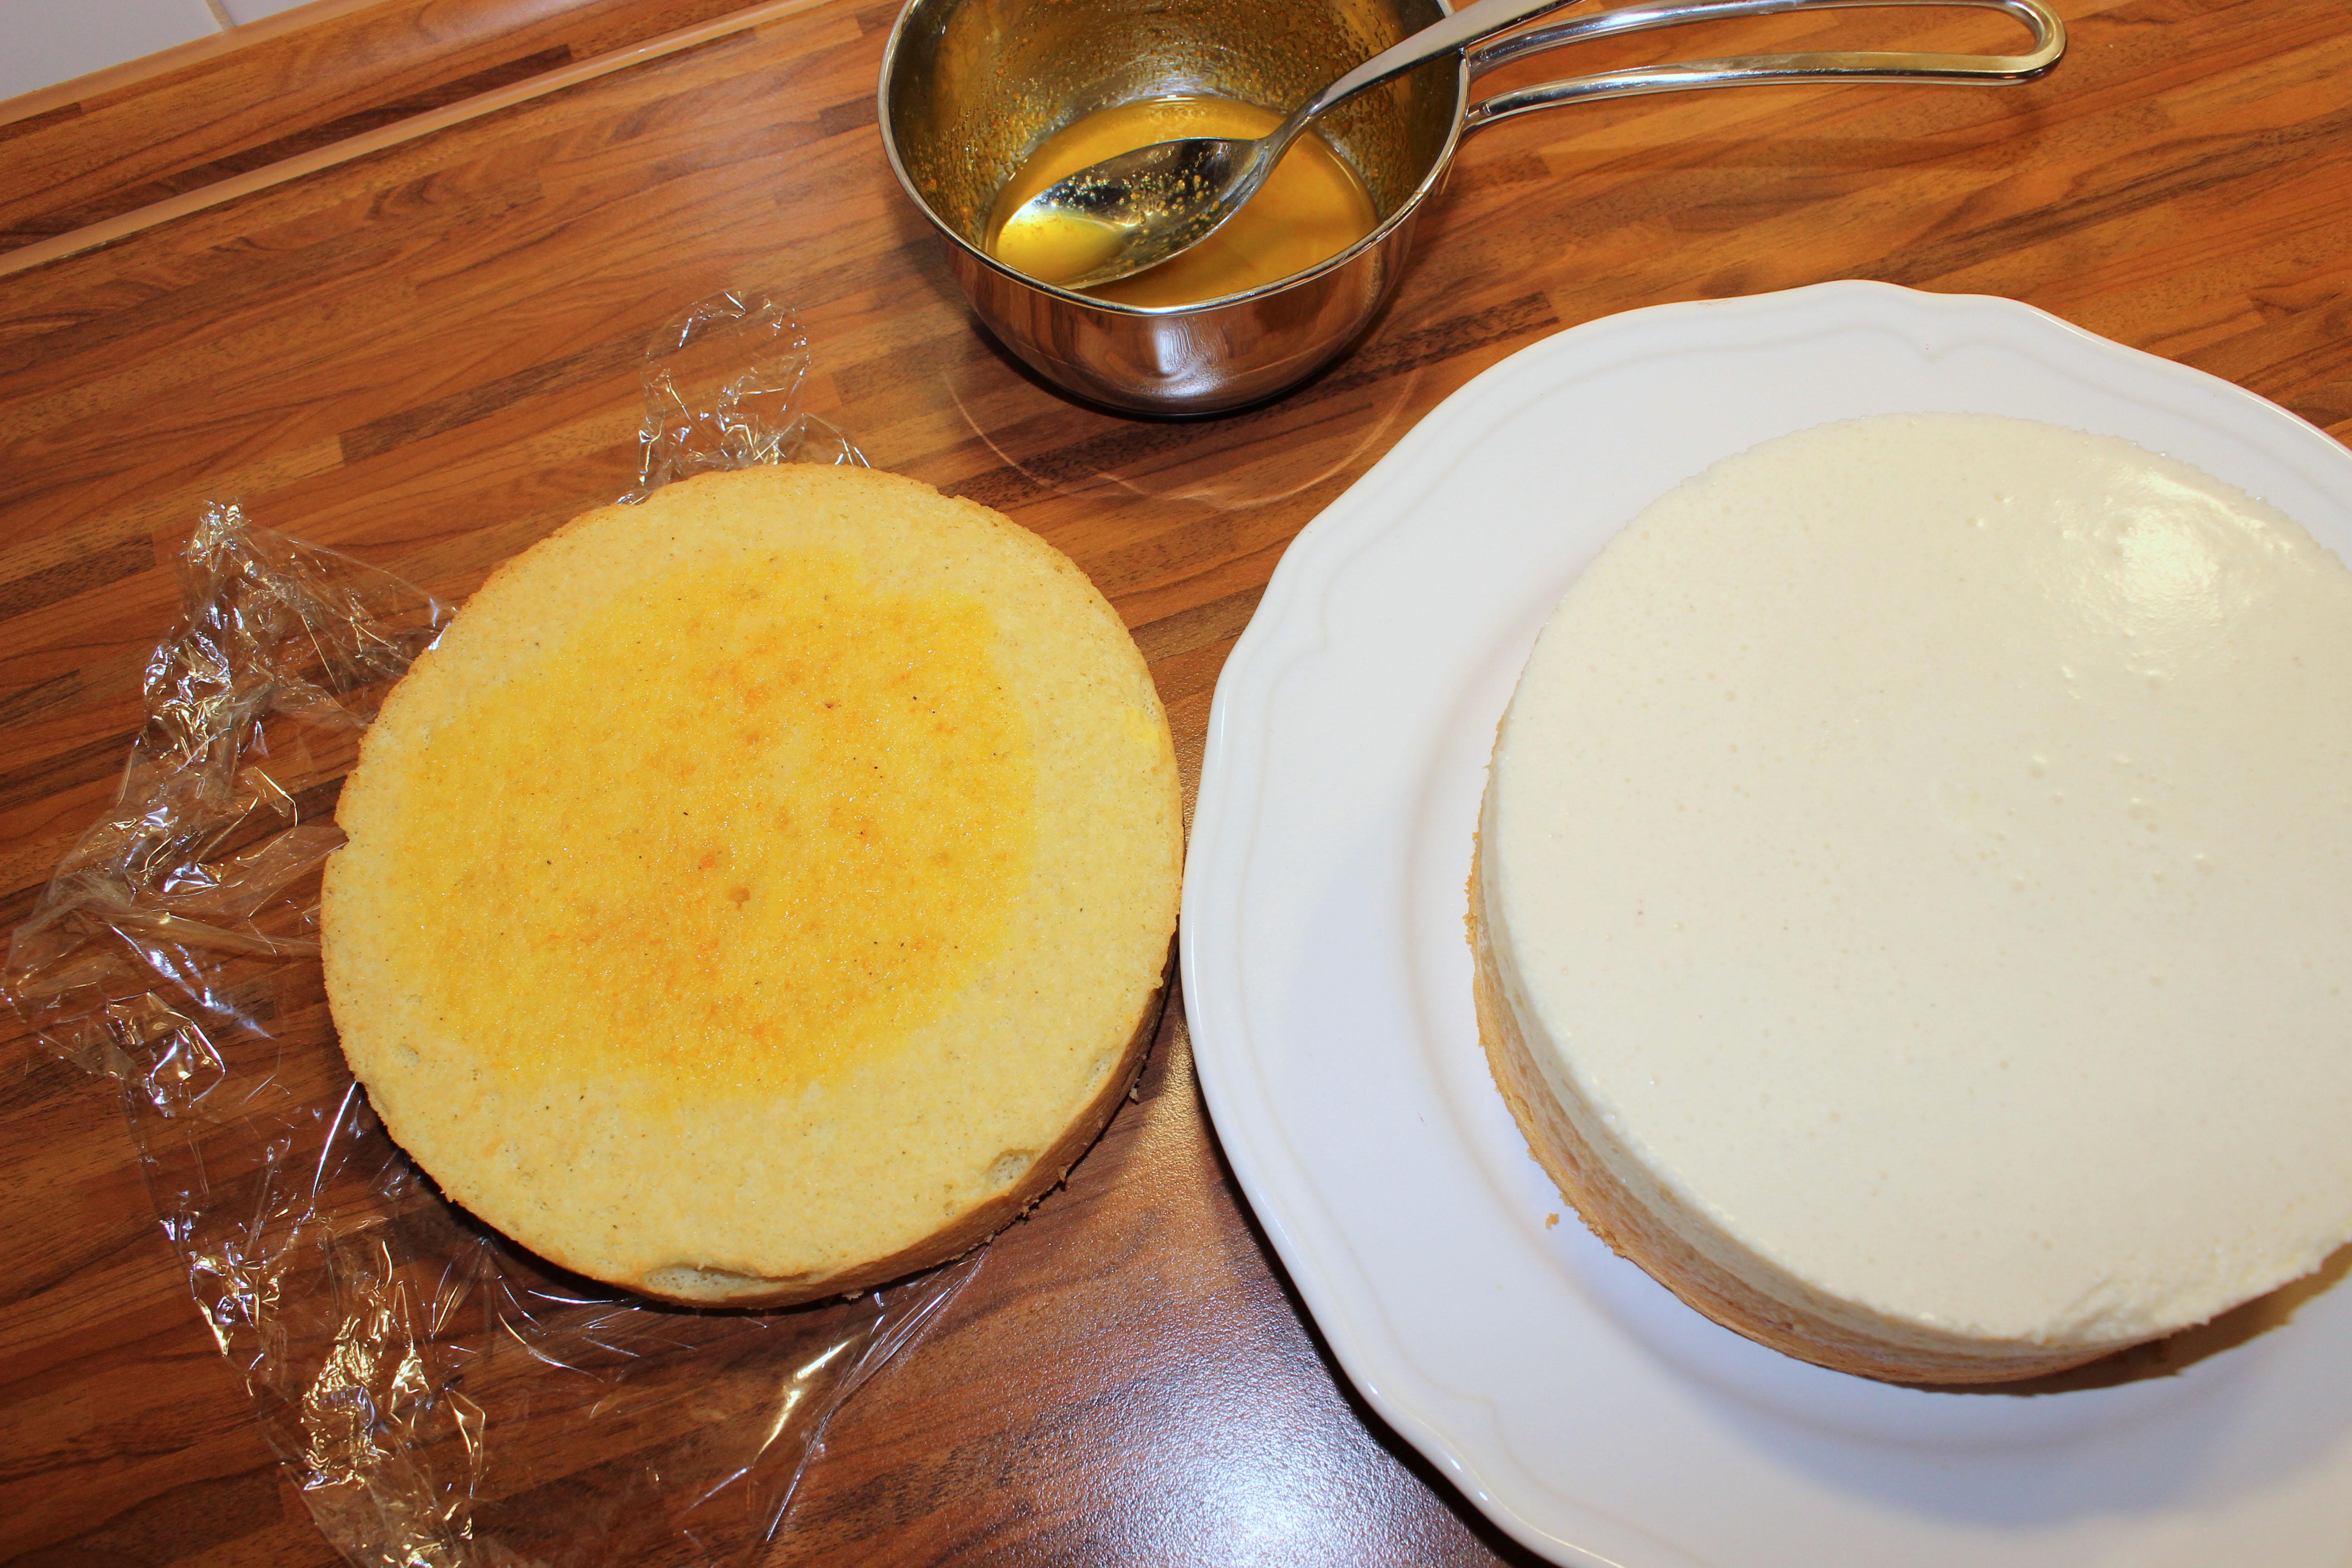 Apfel-Quitten-Torte_4564_1